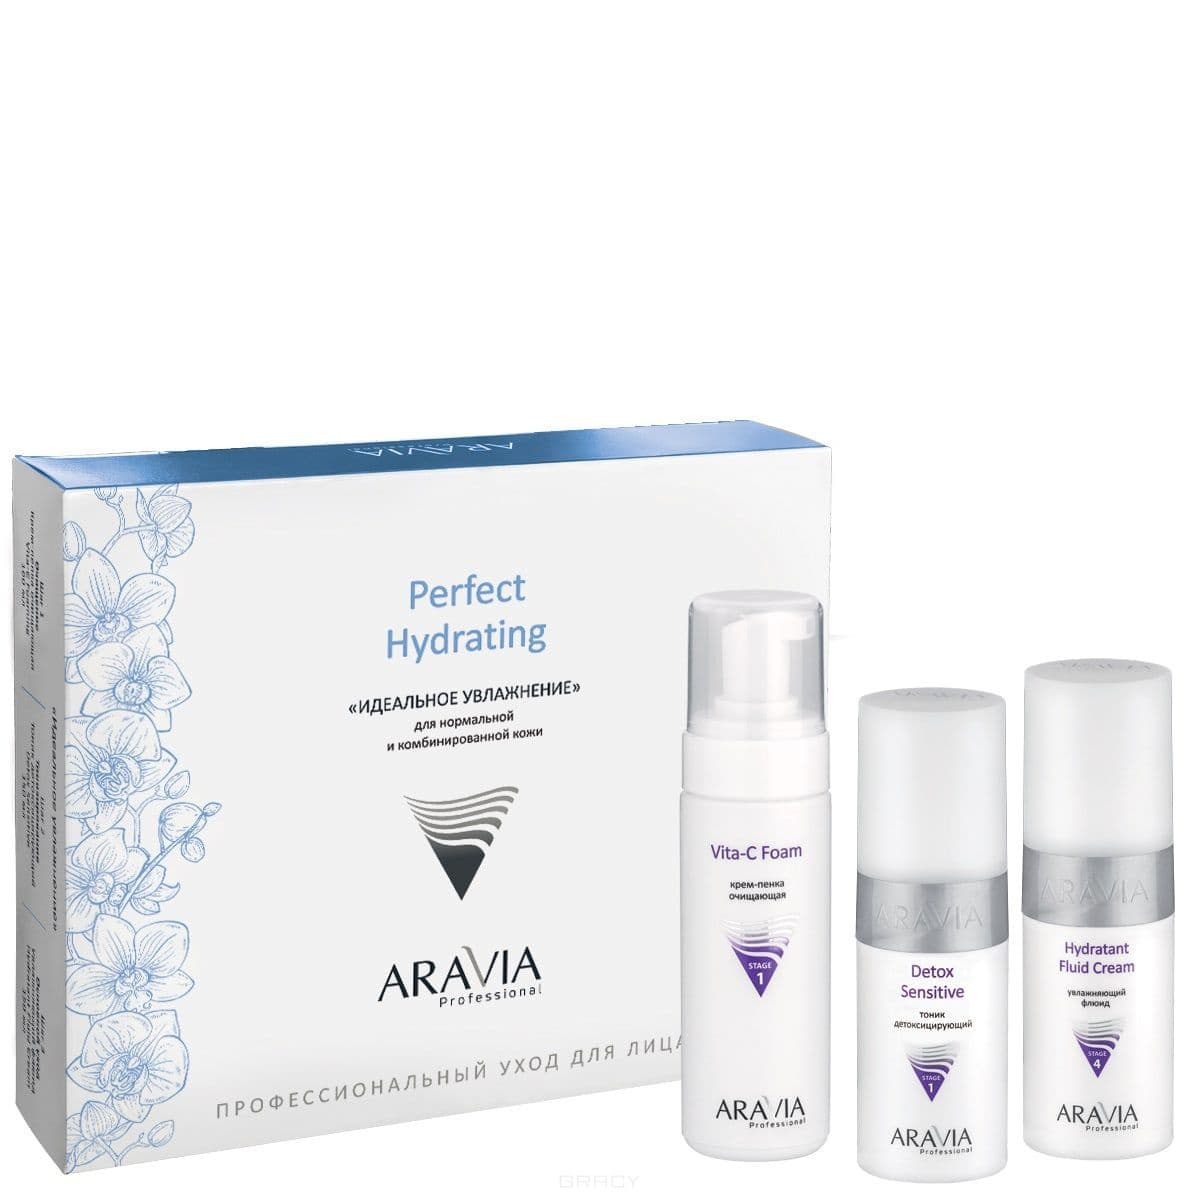 Фото - Aravia, Набор для лица «Идеальное увлажнение», 2х150+160 мл aravia тоник детоксицирующий detox sensitive 250 мл